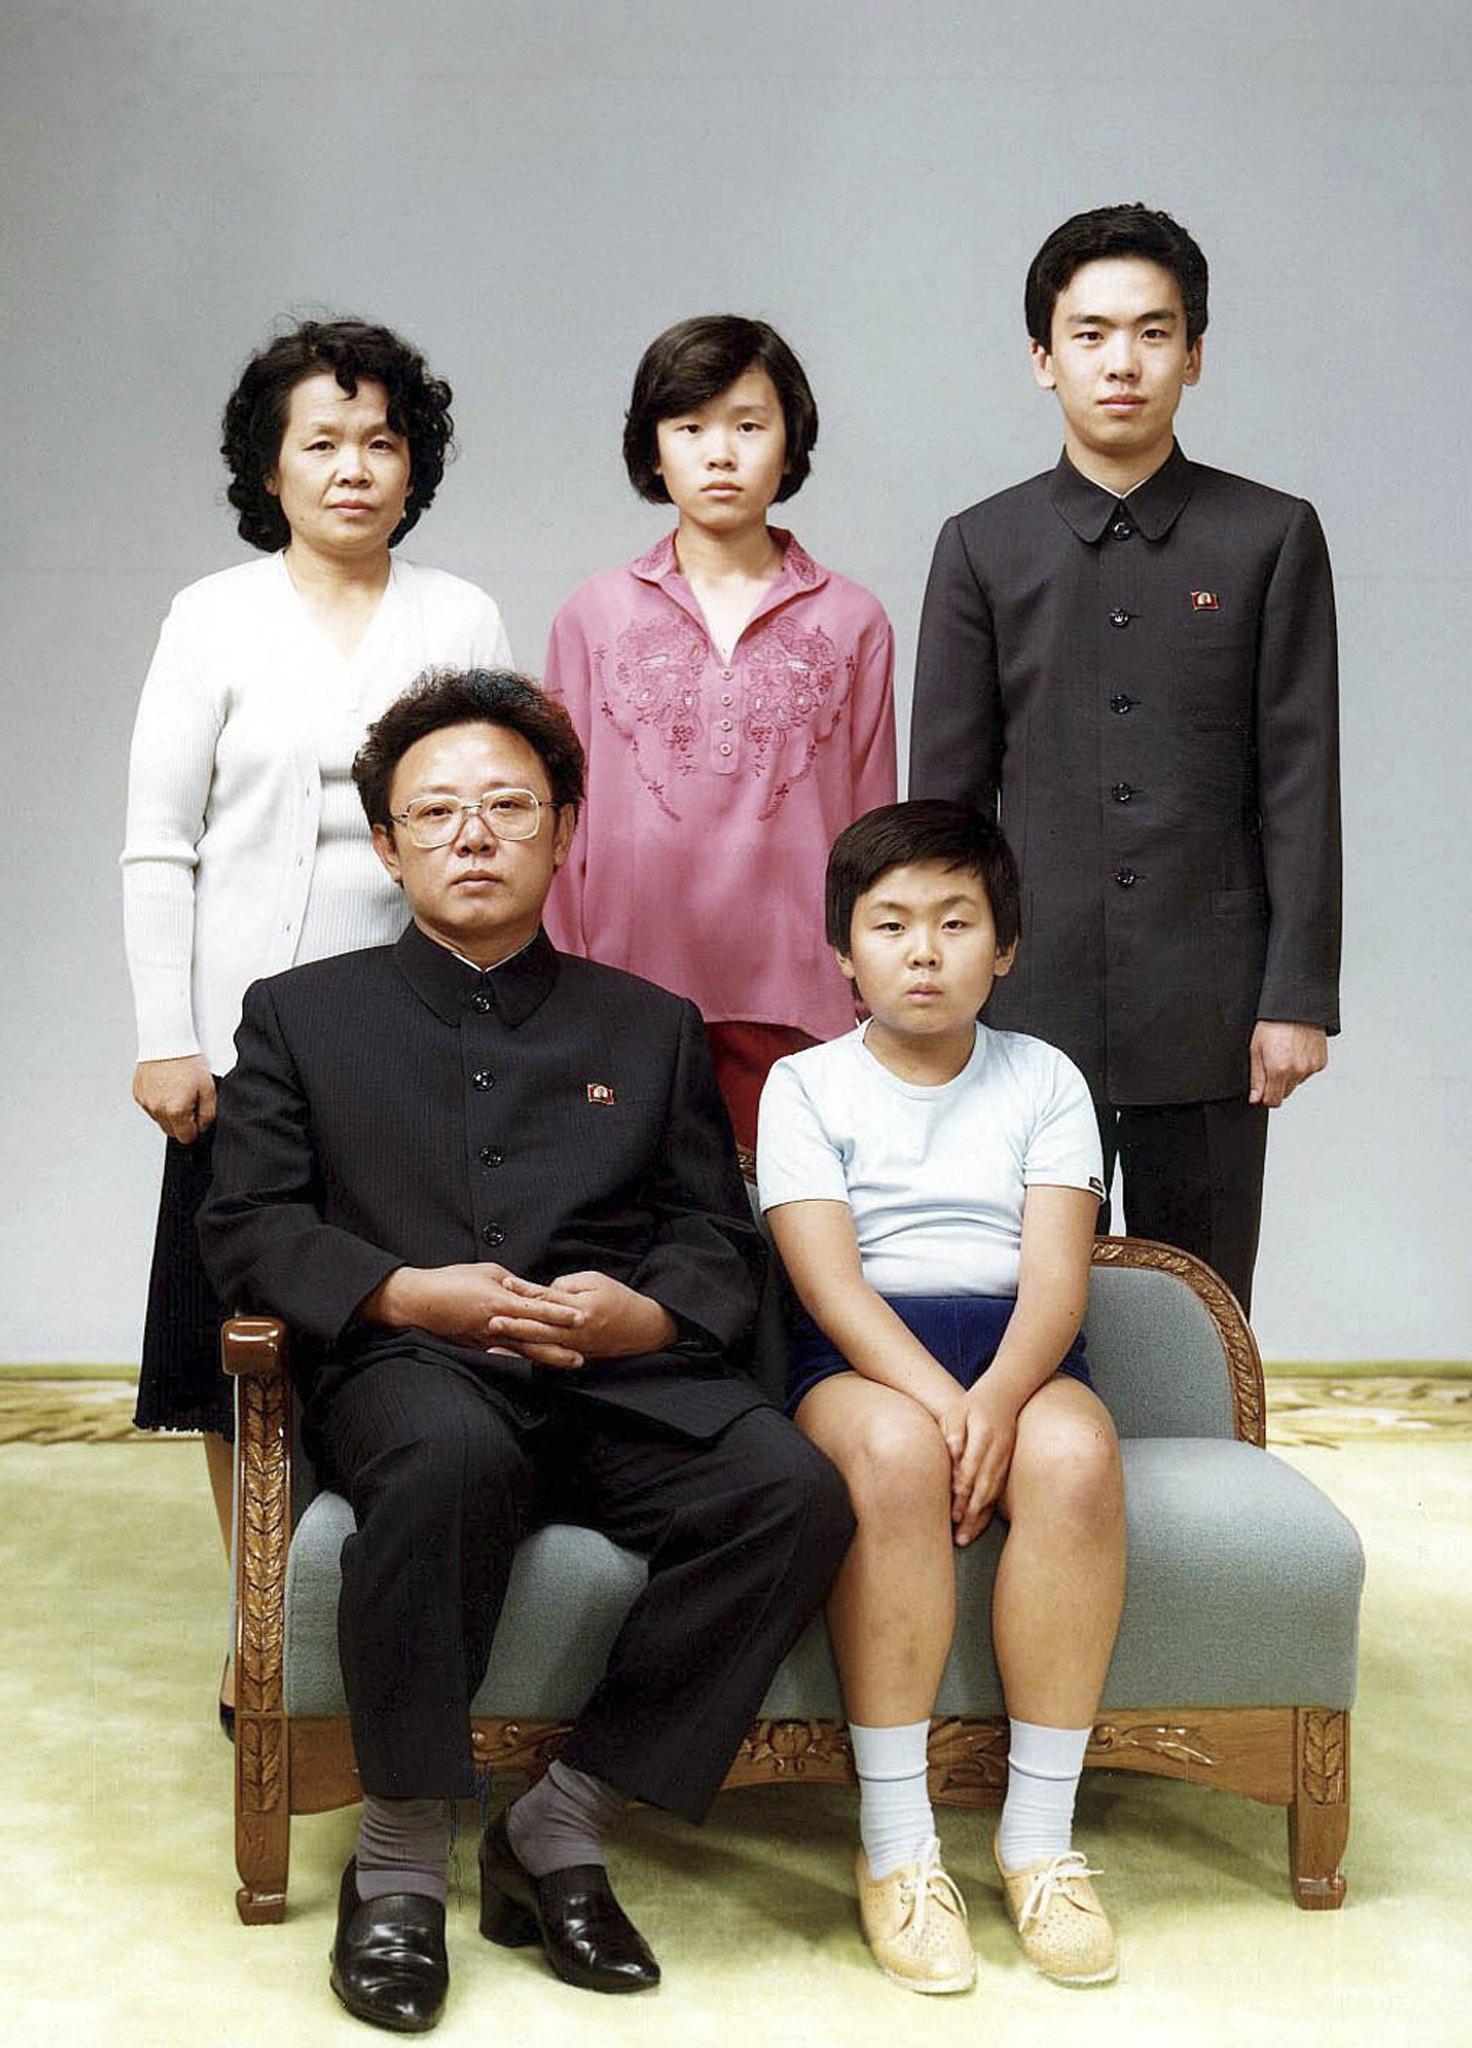 Fotografia de Agosto de 1981, onde Kim Jong-nam aparece sentado à frente, ao lado do pai, Kim Jong-il